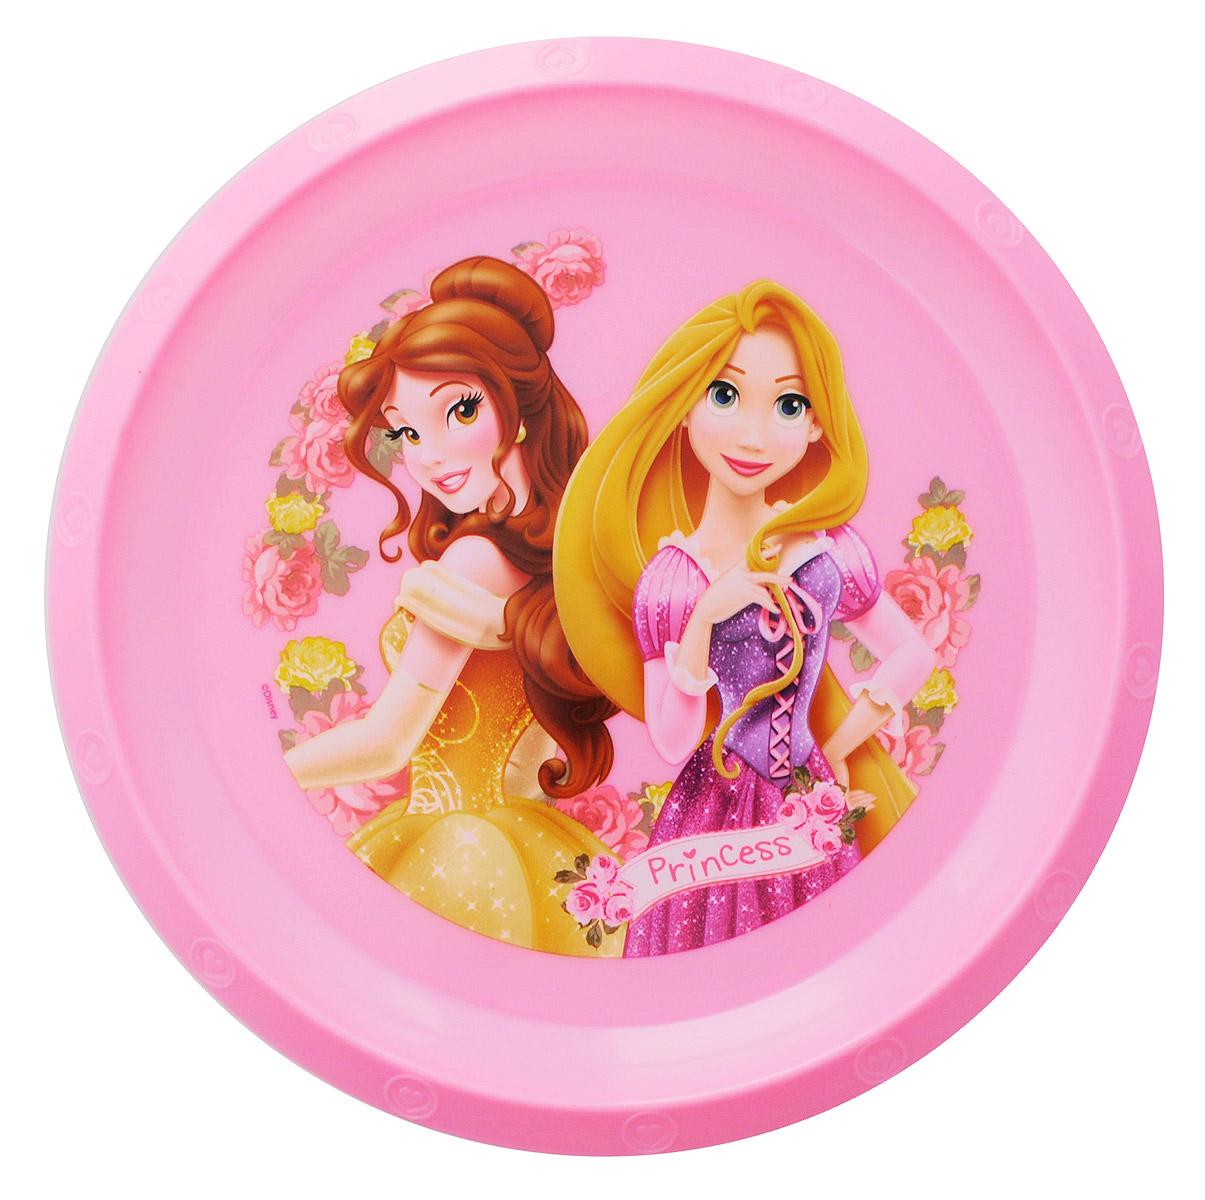 Disney Тарелка детская Принцессы Белль и Рапунцель115510Детская тарелка Disney Принцессы Белль и Рапунцель идеально подойдет для кормления малыша и самостоятельного приема им пищи.Тарелка выполнена из безопасного полипропилена, дно оформлено высококачественным изображением принцесс из диснеевских сказок.Такой подарок станет не только приятным, но и практичным сувениром, добавит ярких эмоций вашему ребенку!Тарелка не предназначена для использования в СВЧ-печи и посудомоечной машине.